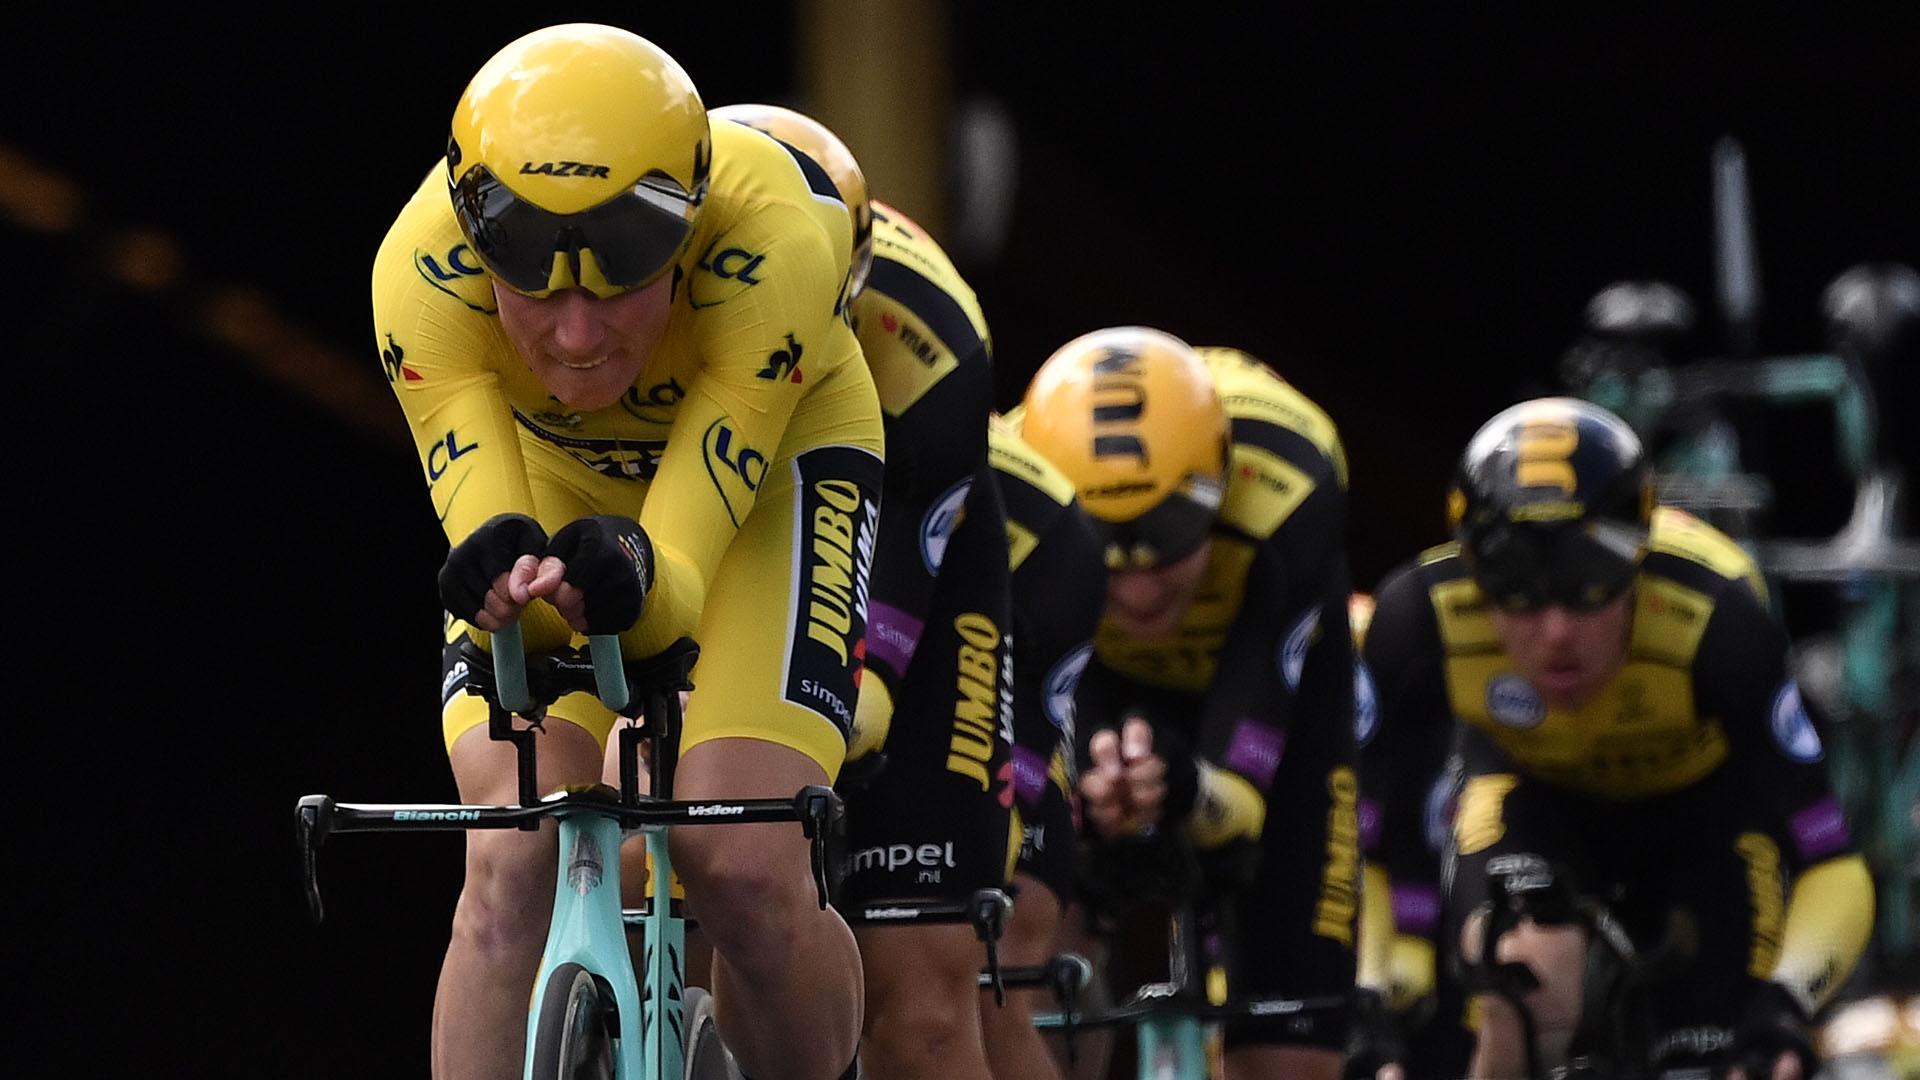 El Movistar español del colombiano Nairo Quintana y del vasco Mikel Landa fue decimoséptimo, cediendo 45 segundos con la formación británica